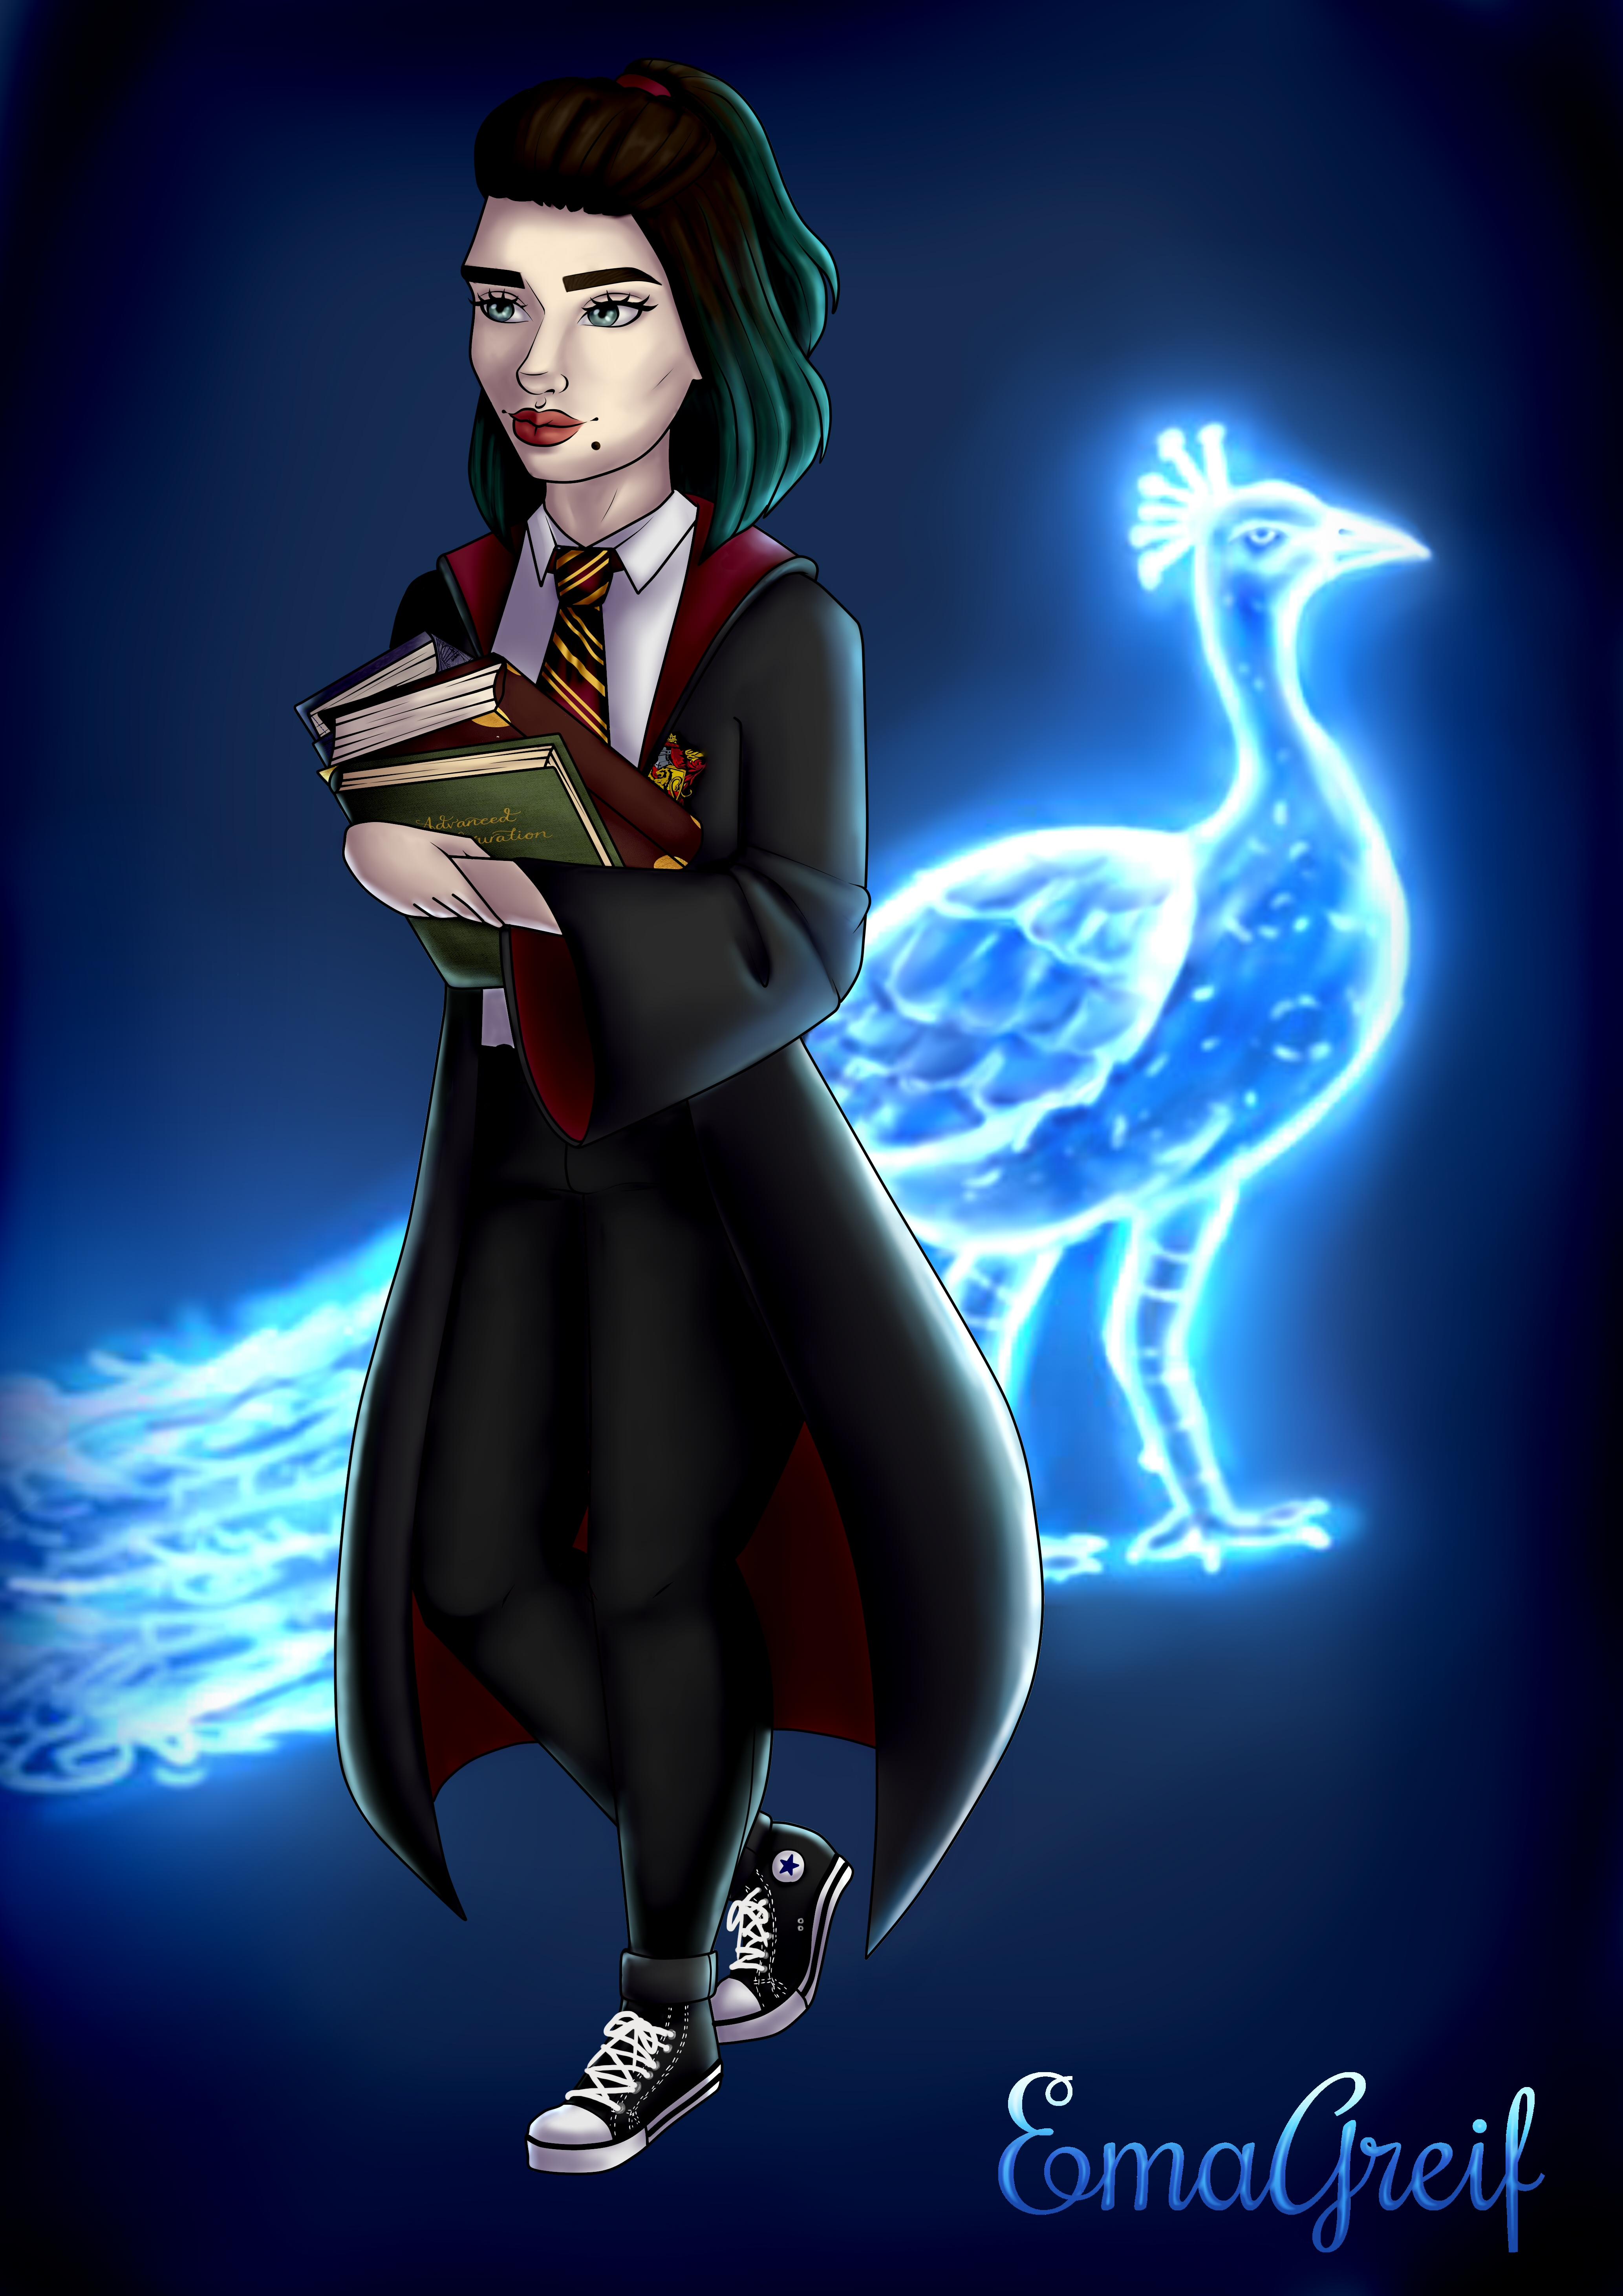 I as Hogwarts student